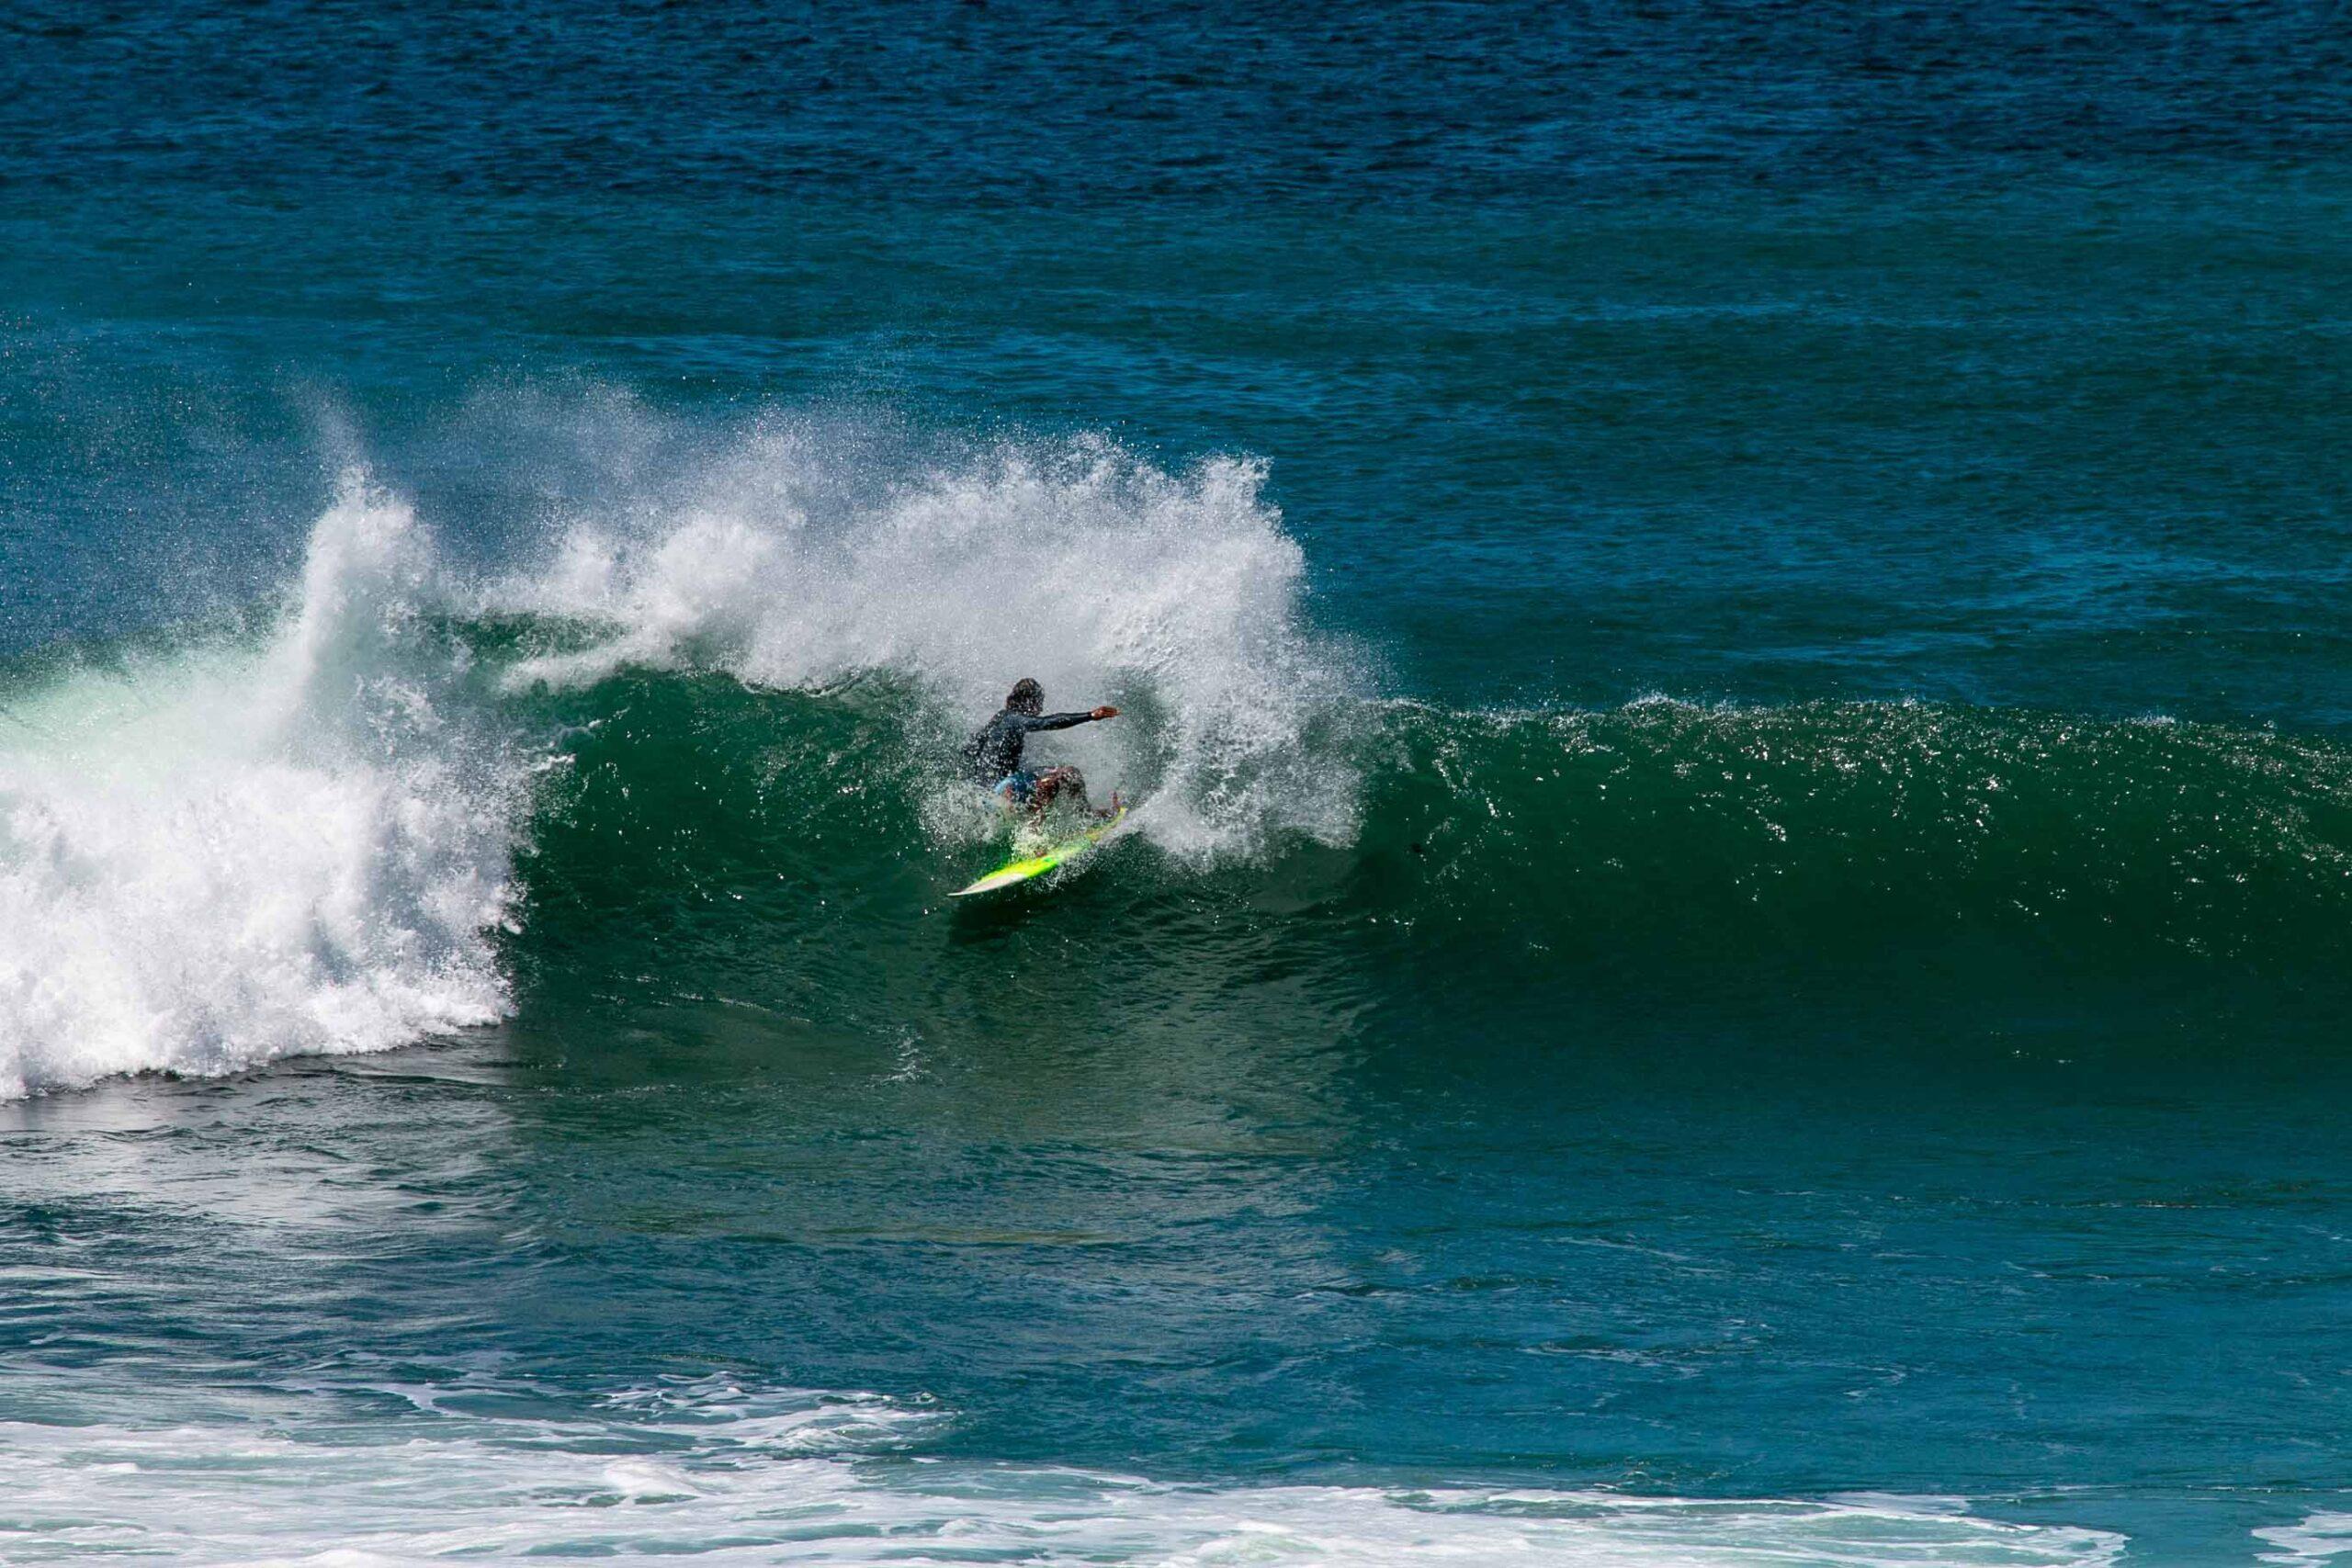 Surfer at Playa Colorado in Nicaragua